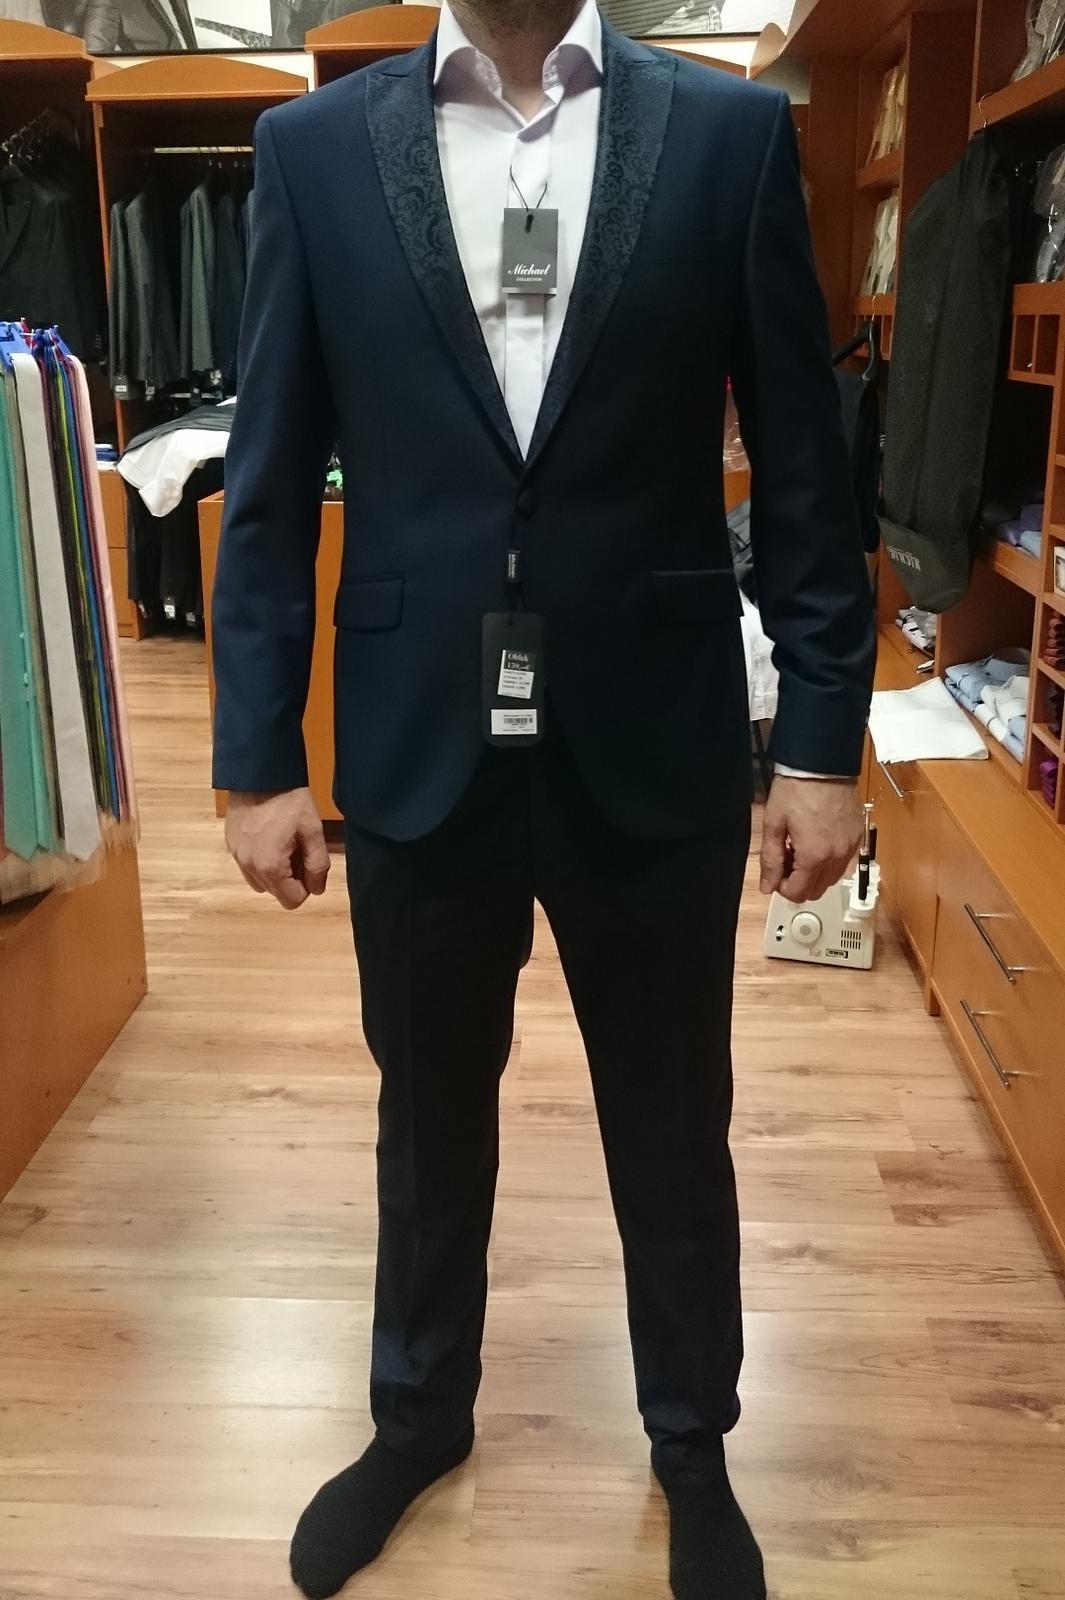 967bd257a2a9 Tmavomodrý svadobný oblek